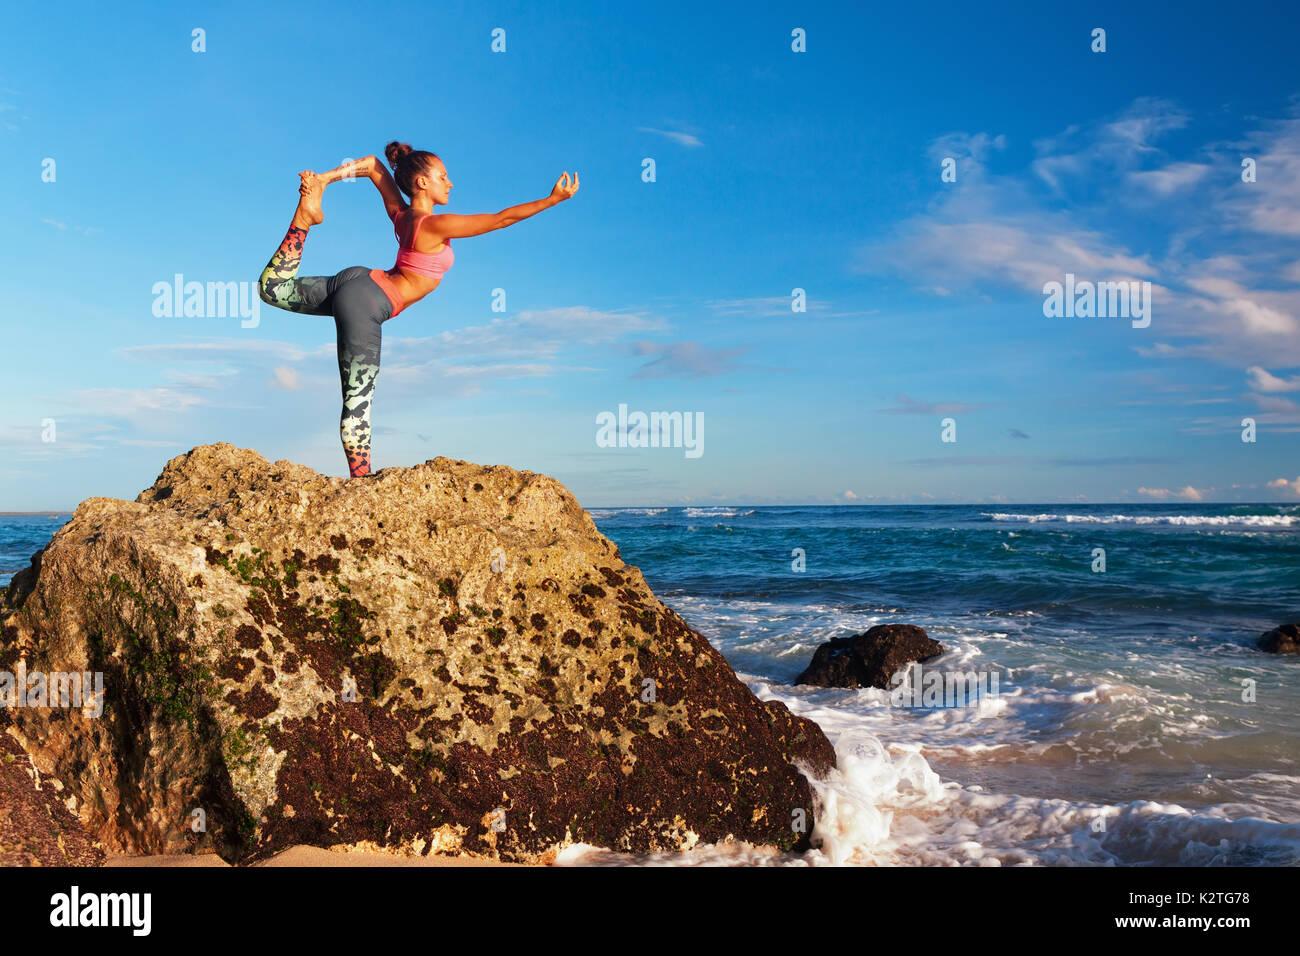 La meditación sobre el fondo del cielo al atardecer. Joven mujer activa de pie en pose de yoga en la playa rock para mantenerse en forma y salud. Estilo de vida saludable al aire libre, gimnasio. Imagen De Stock